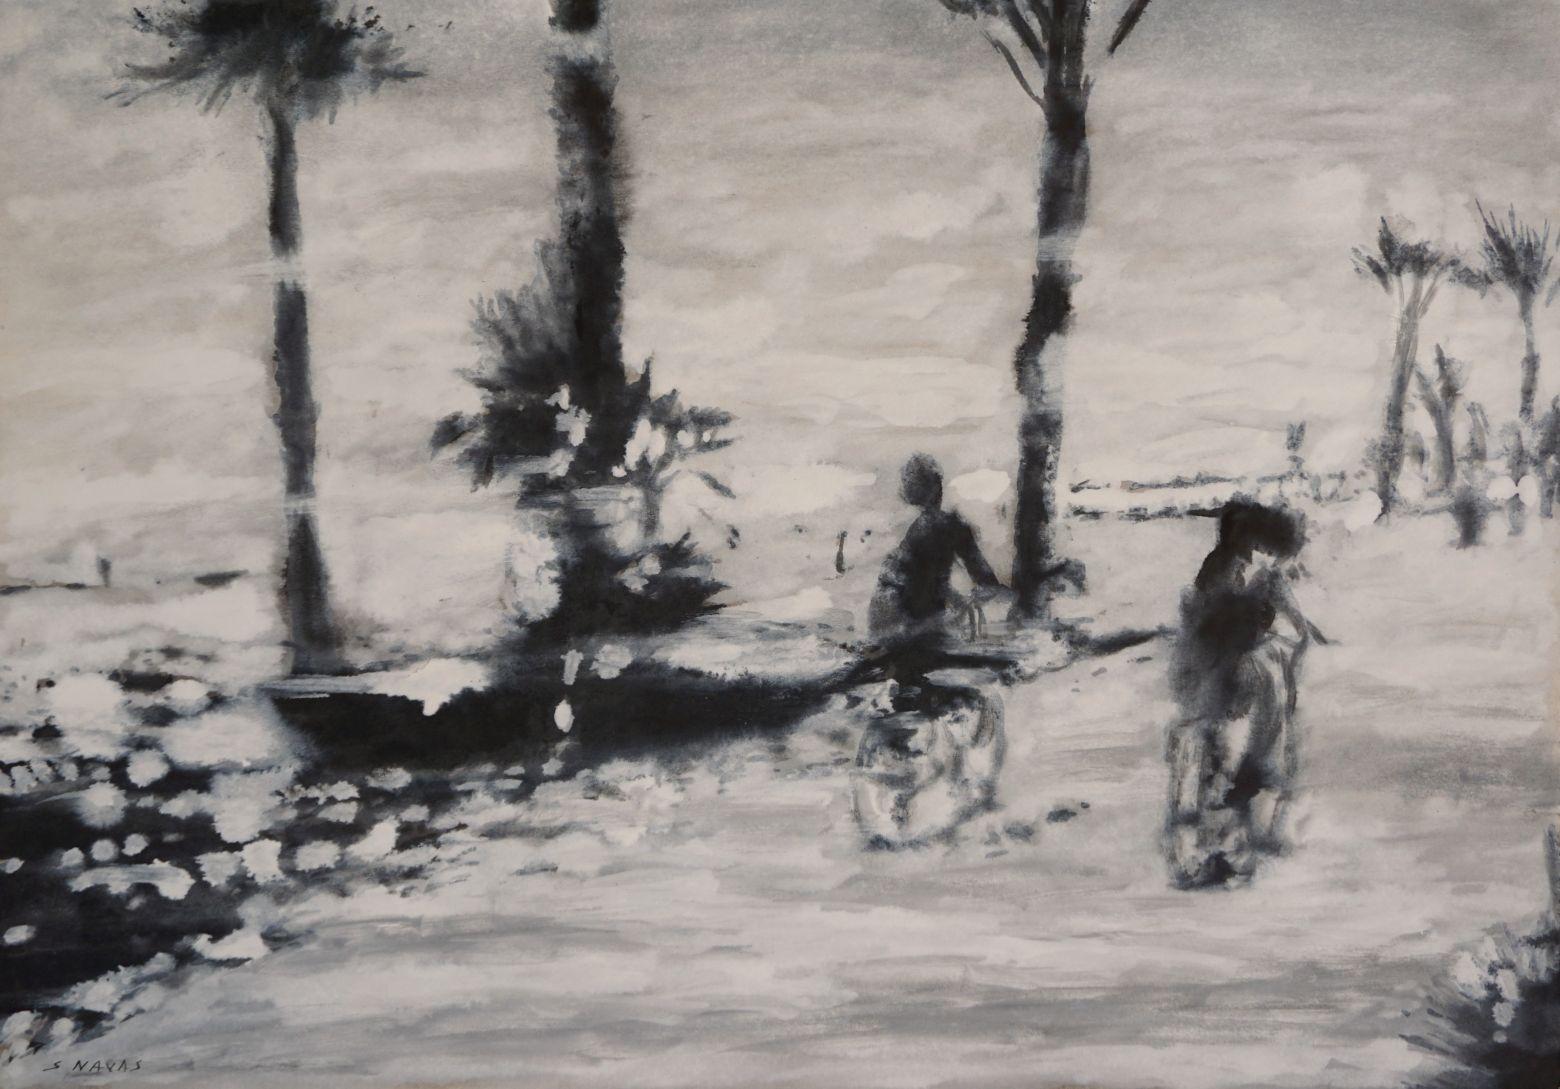 Pareja en bicicleta (2017) - Sebastián Navas